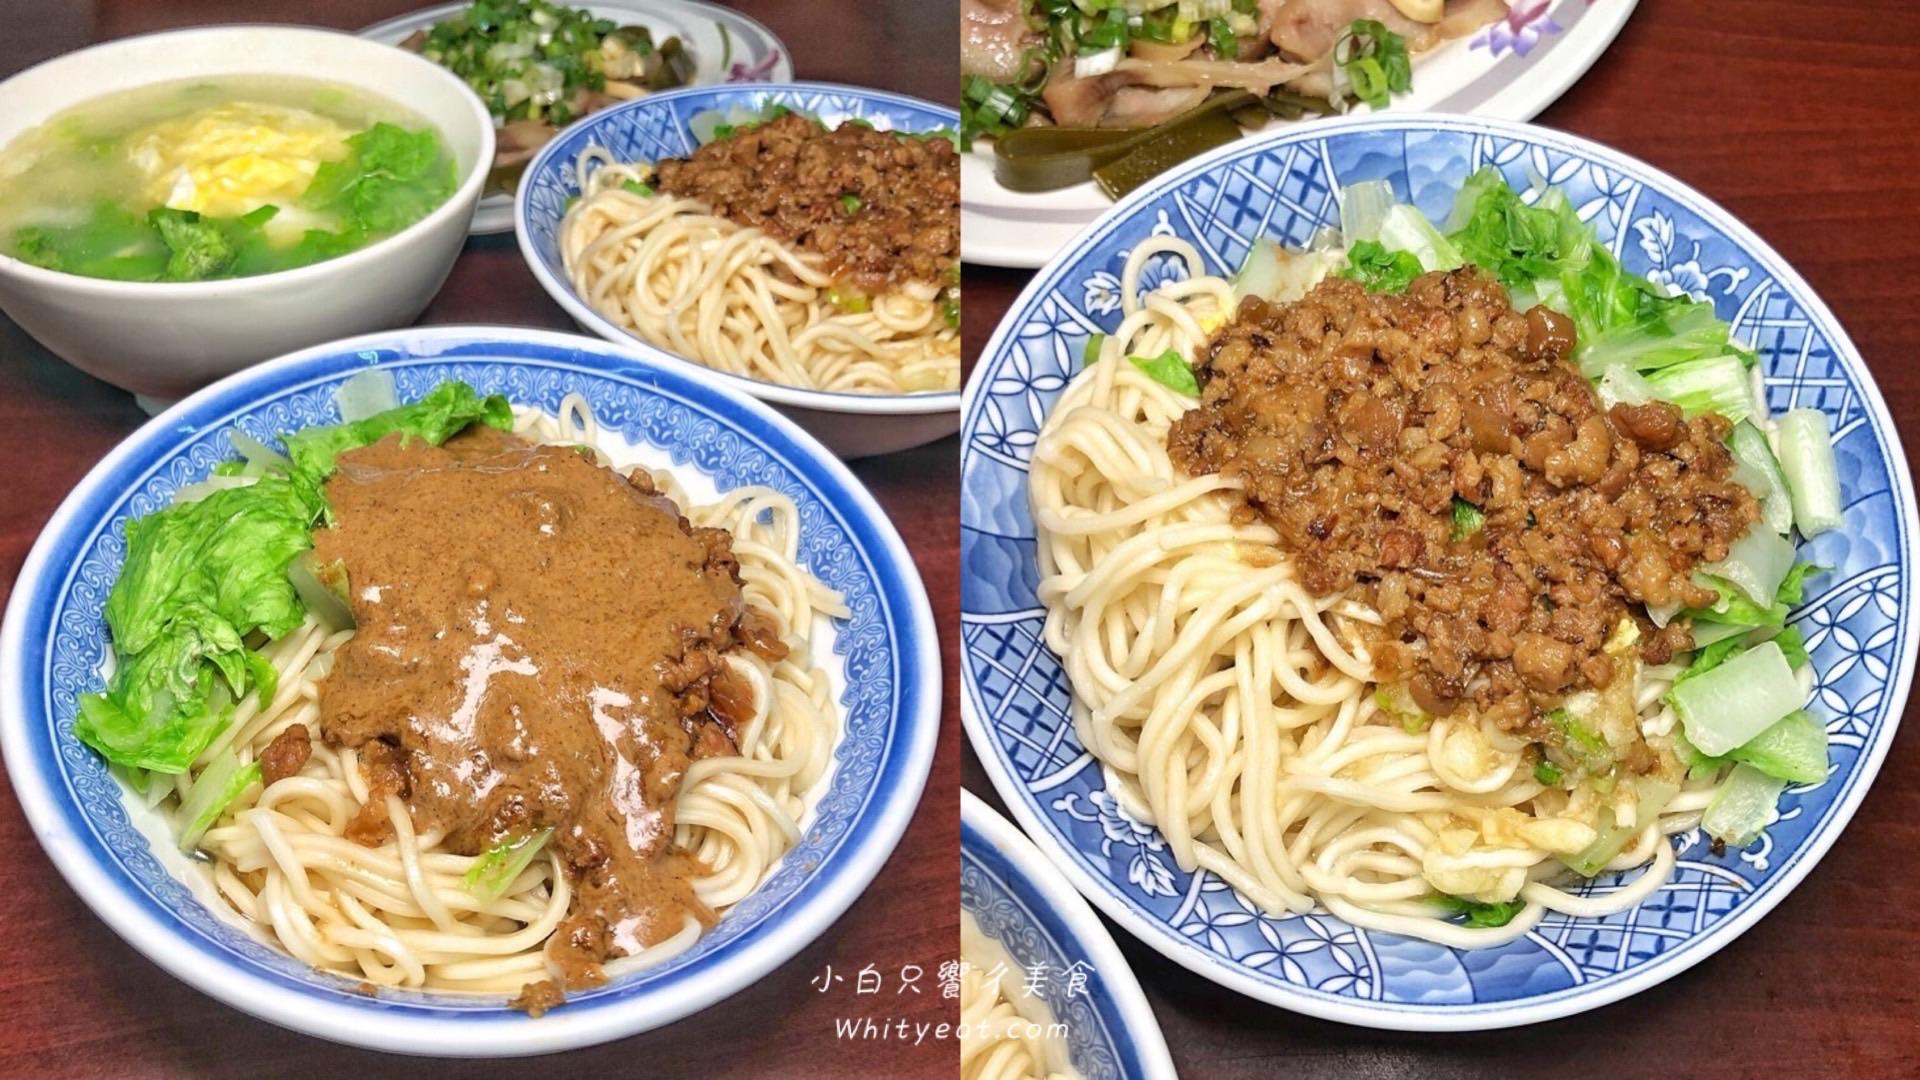 【台南美食】台南麵店推薦 老黃陽春麵 這就是我要的麻醬麵|台南中西區